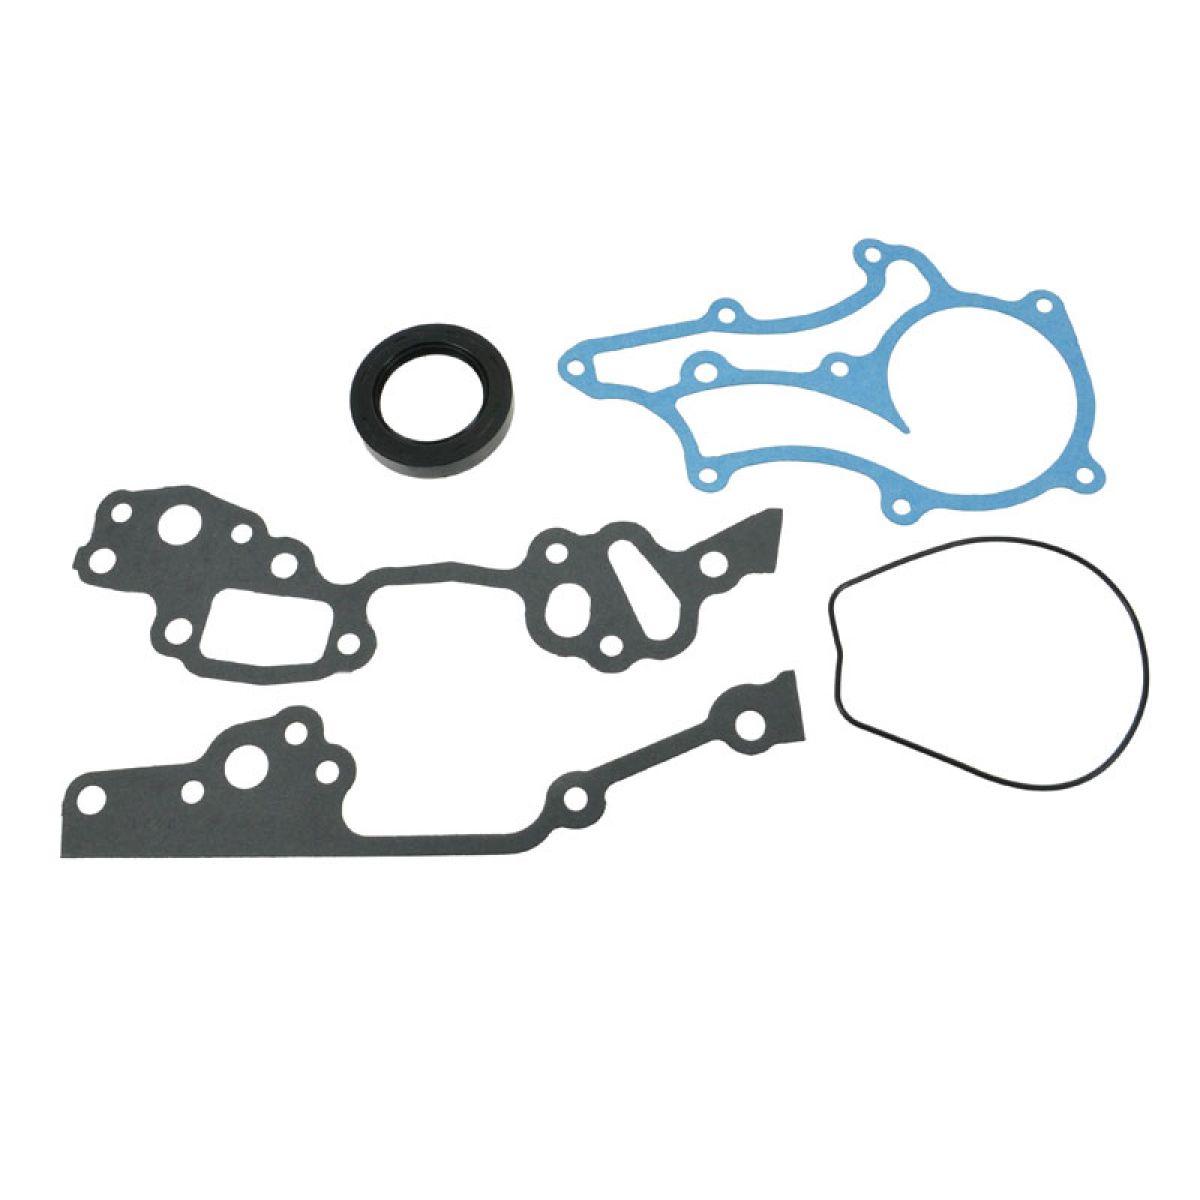 Fel Pro Timing Cover Gasket Set Kit for Toyota 4Runner